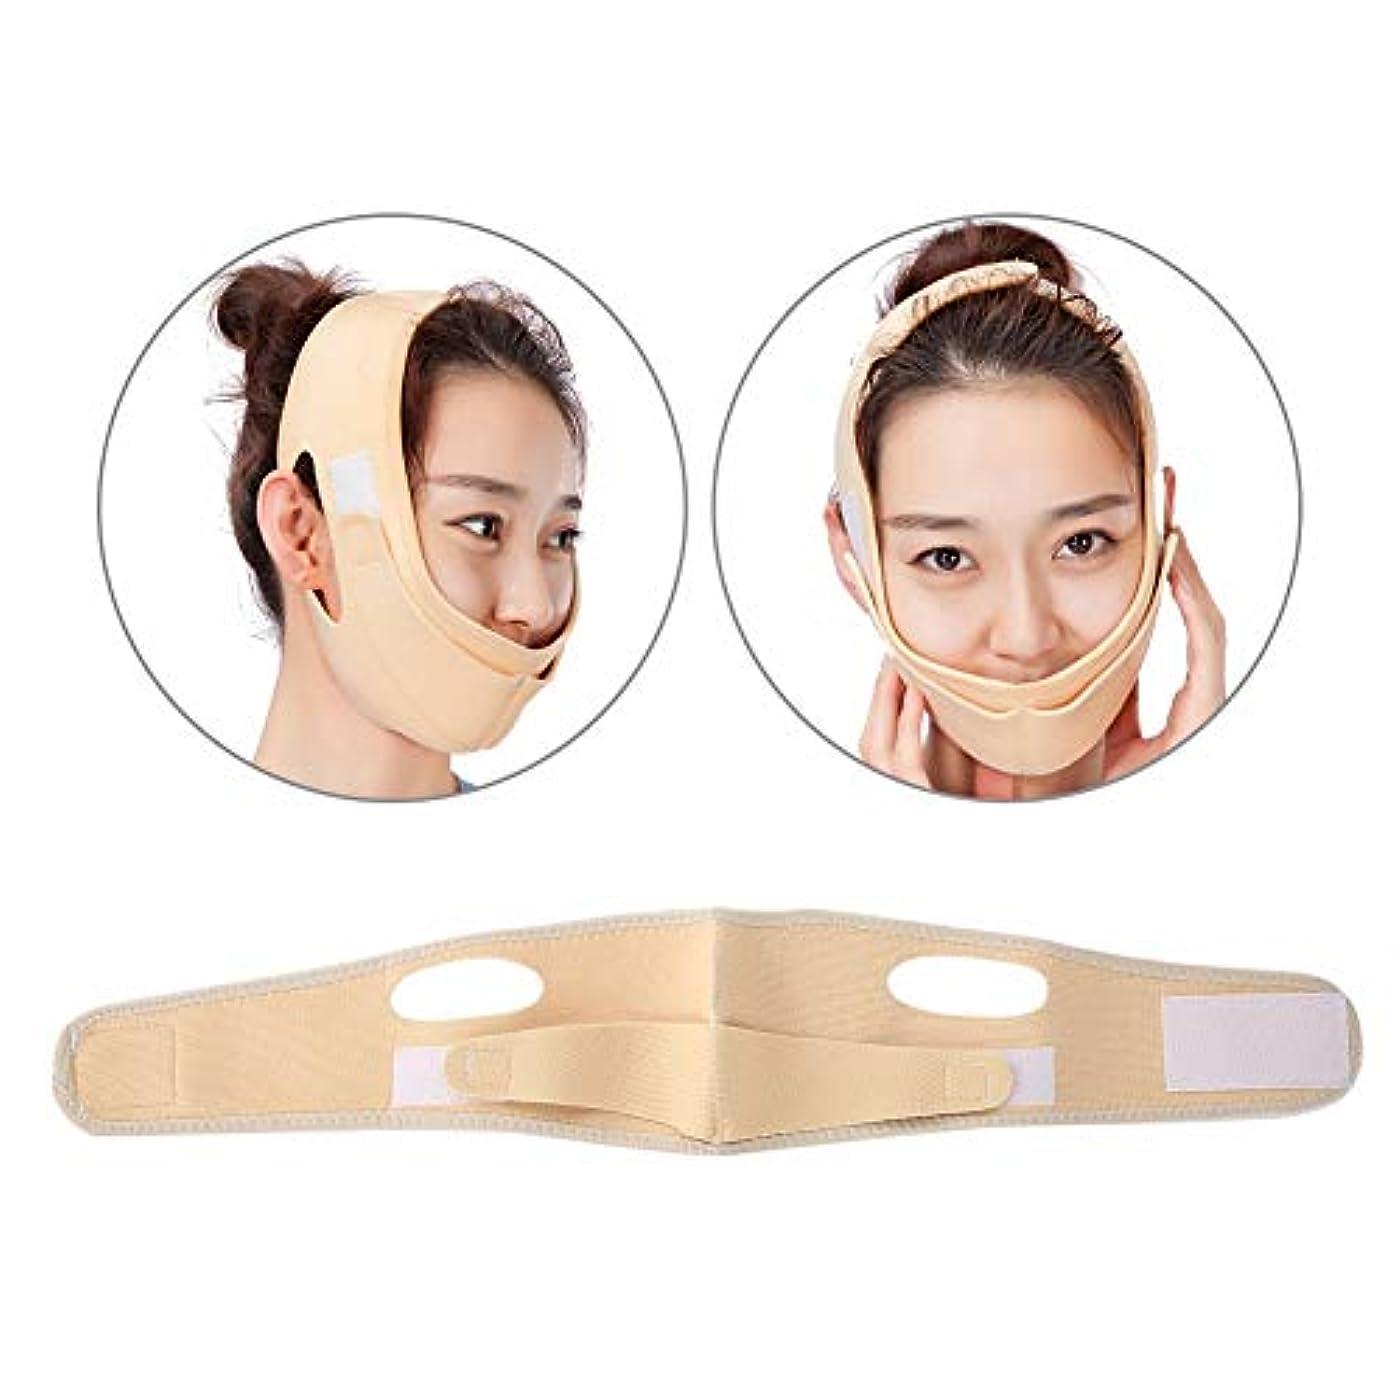 プロフェッショナル主要な些細2タイプフェイスリフティングマスク、ナチュラルVチーク舐め締めベルト、アンチリンクル引き締めスキンマスク、フェイスリフティング減量アンチダブルフェイシャル包帯(1#)